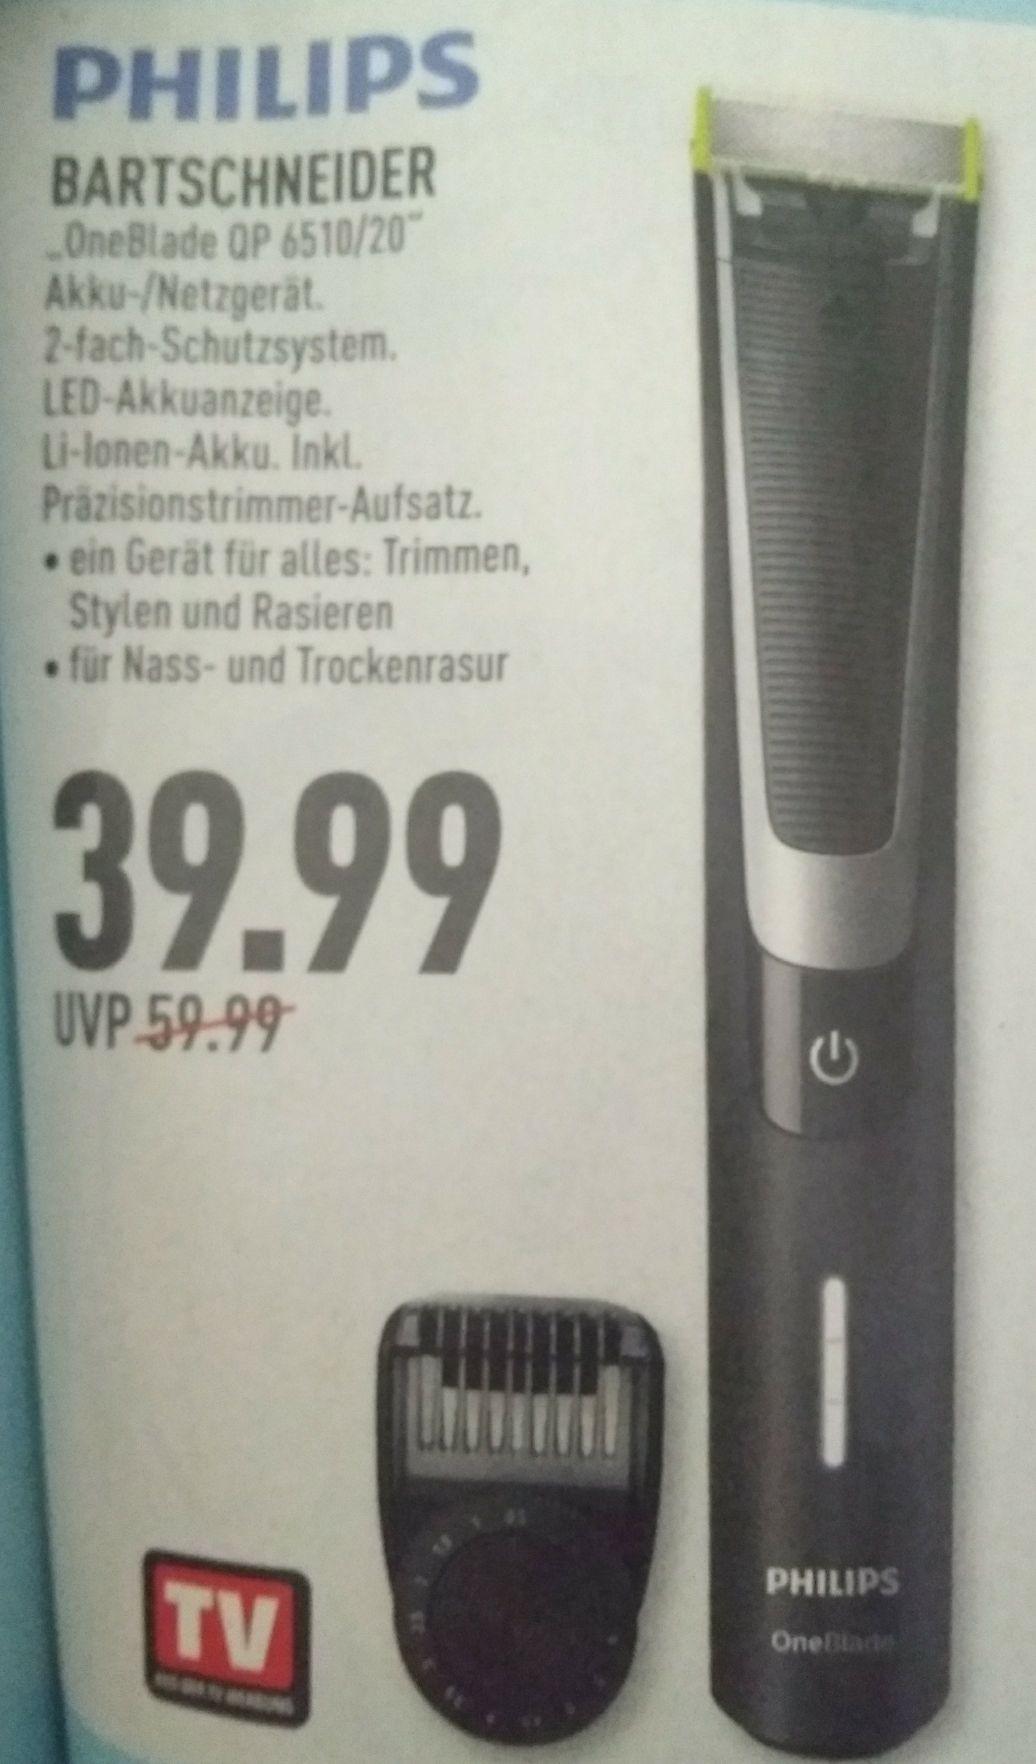 [Ab 05.08] [Marktkauf Rhein Ruhr] Phillips One Blade Bartschneider QP 6510/20  für 39,99€